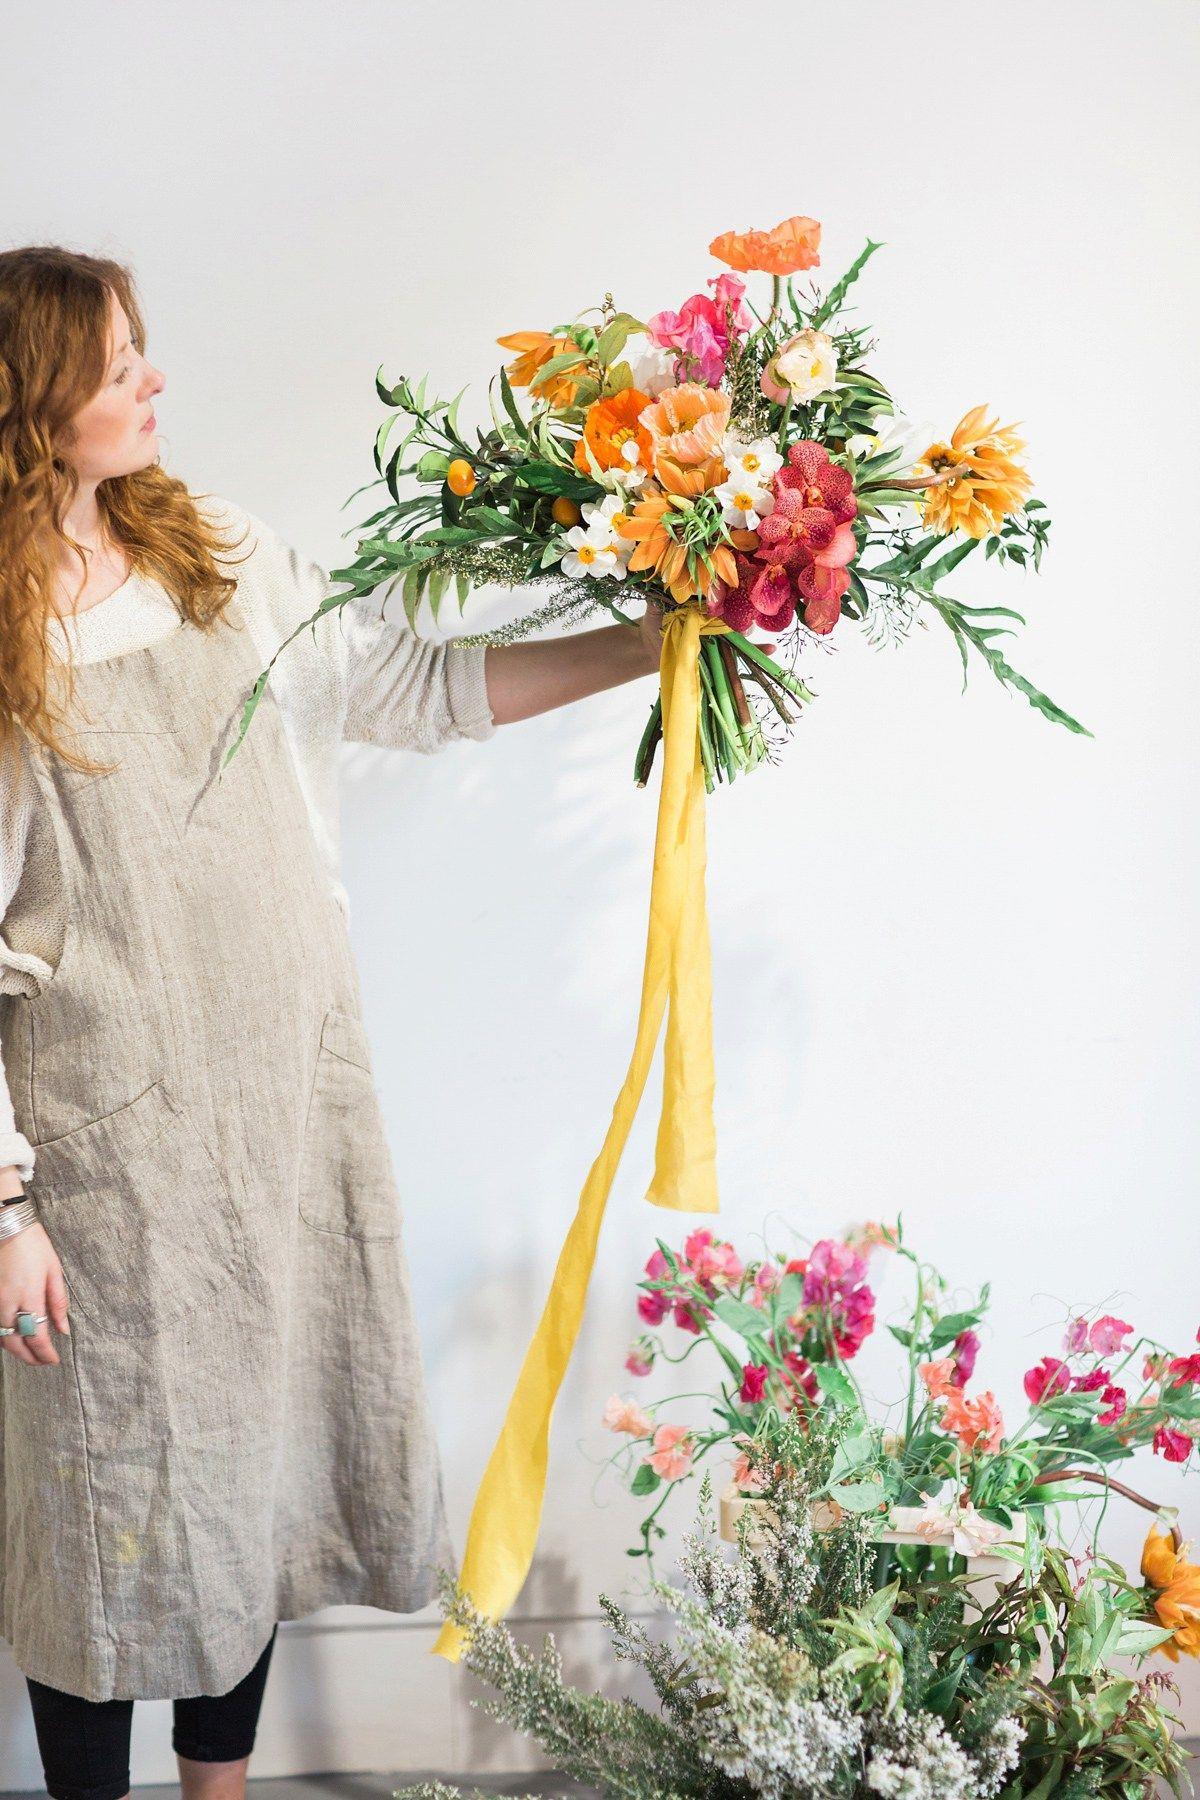 wpid438332-colourful-diy-wedding-bouquet-28